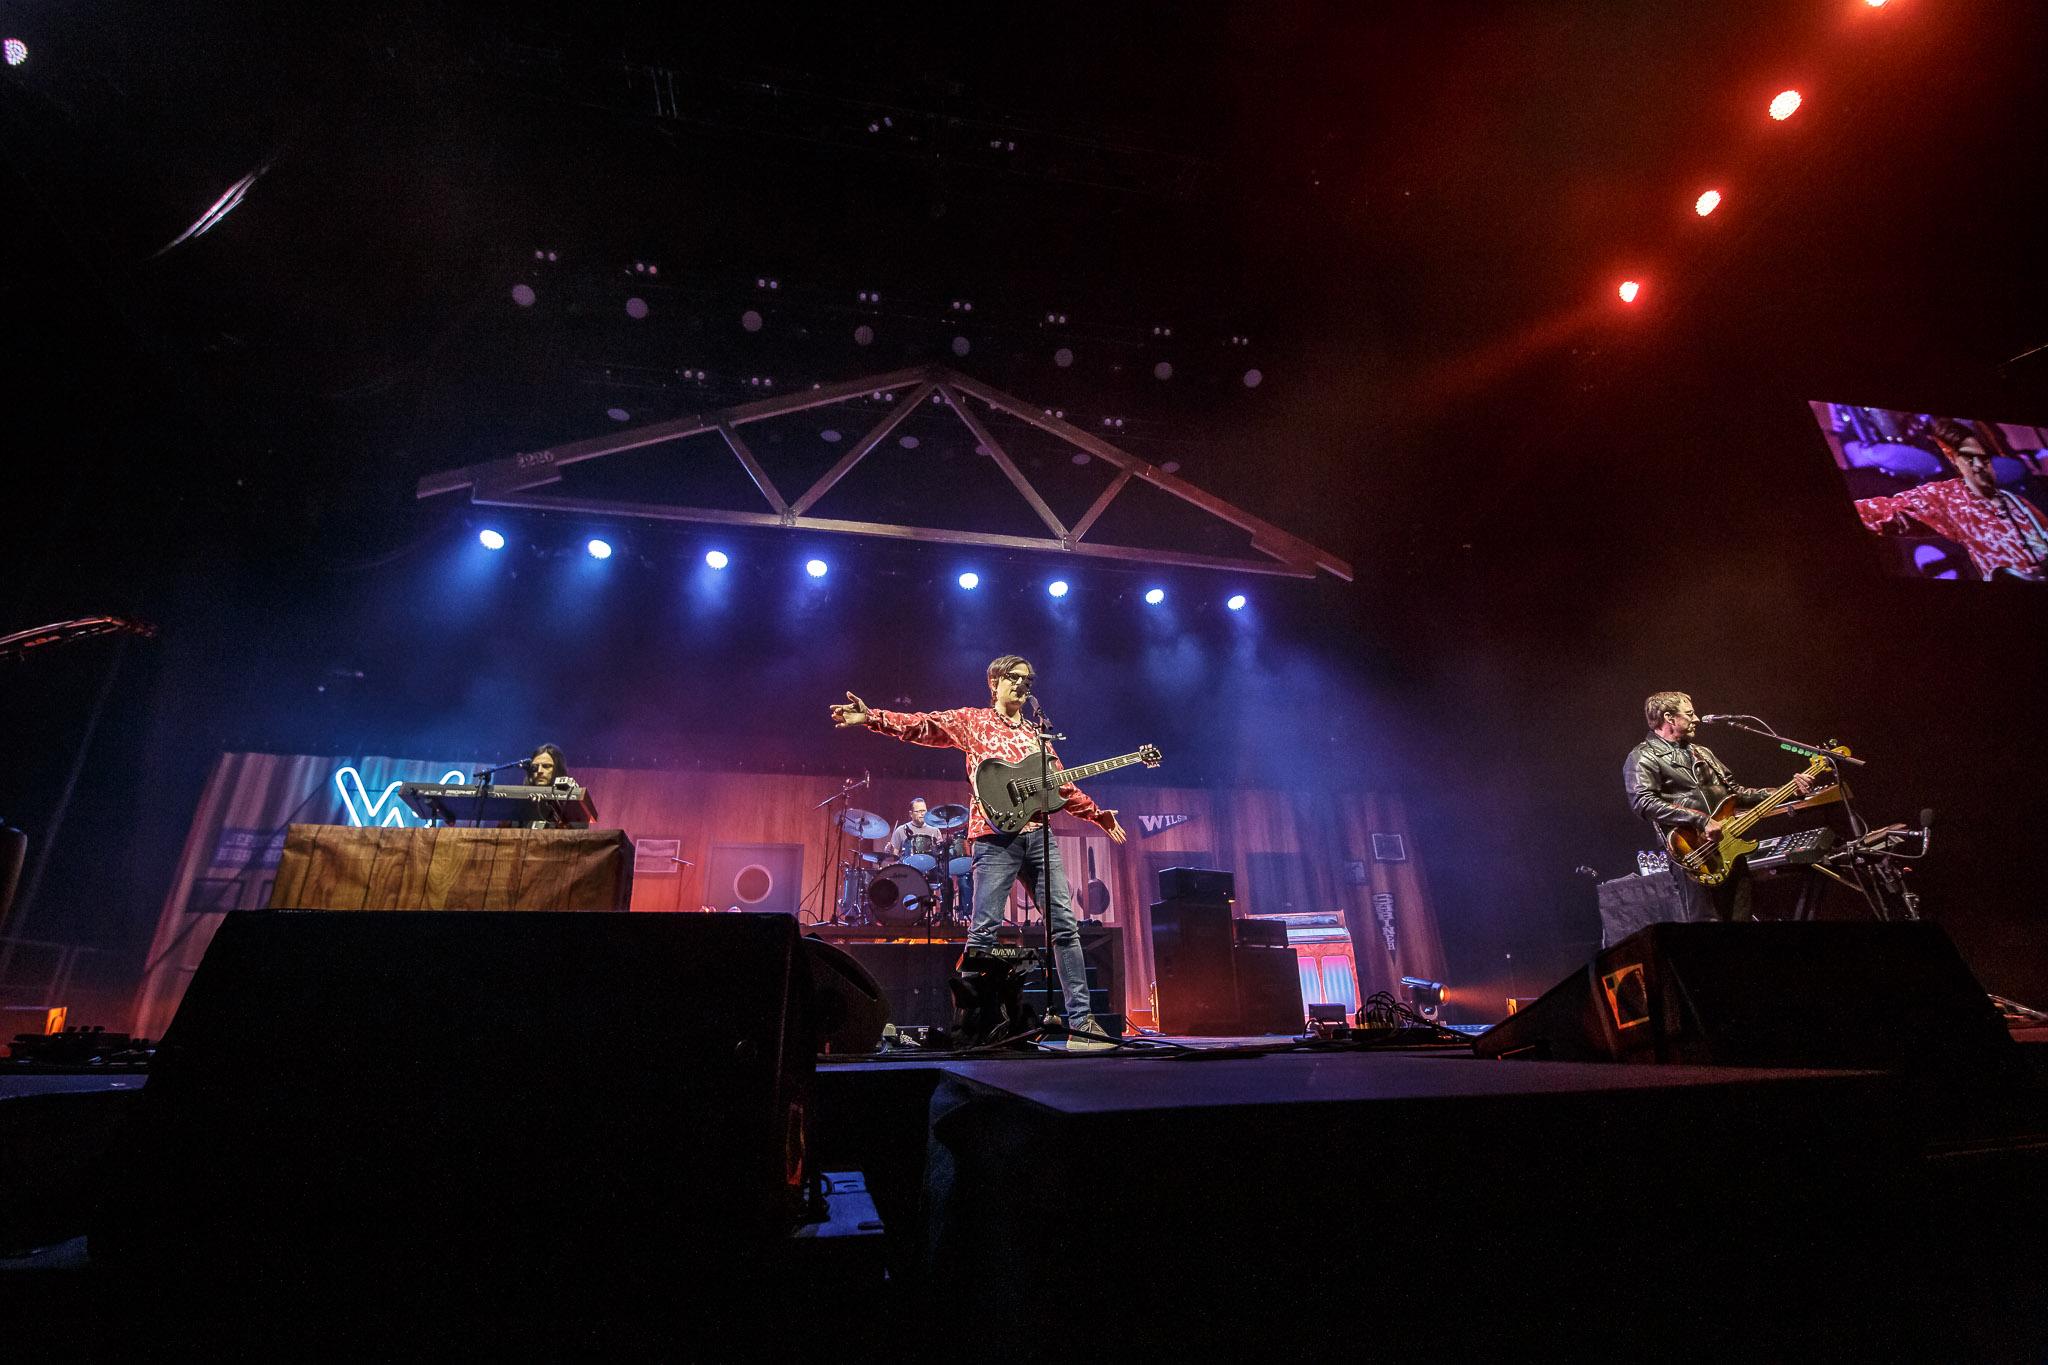 Weezer-8.jpg